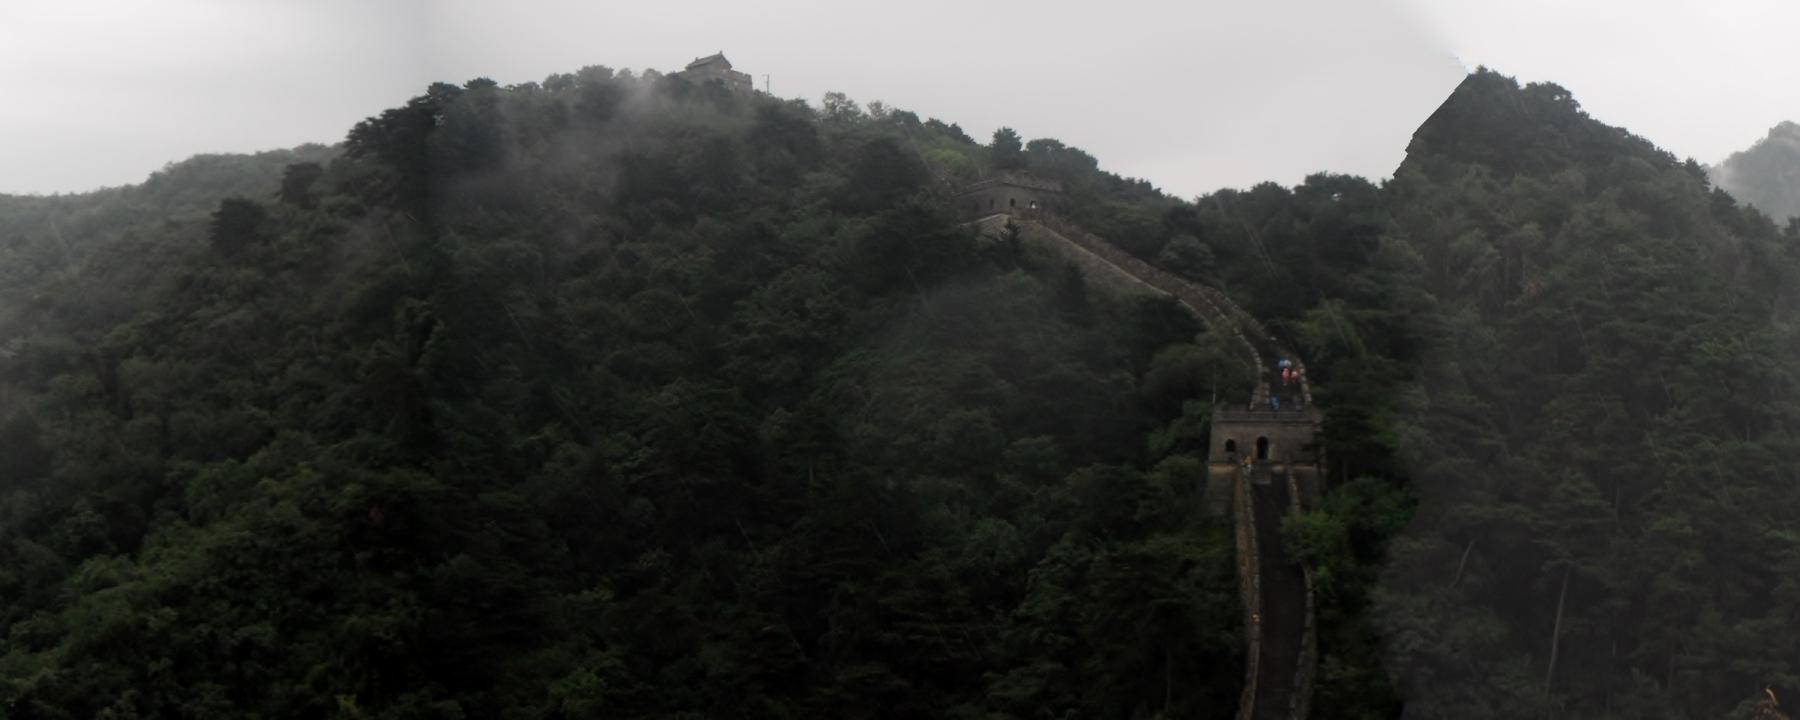 panoramic view around the Great Wall of China in Mutianyu